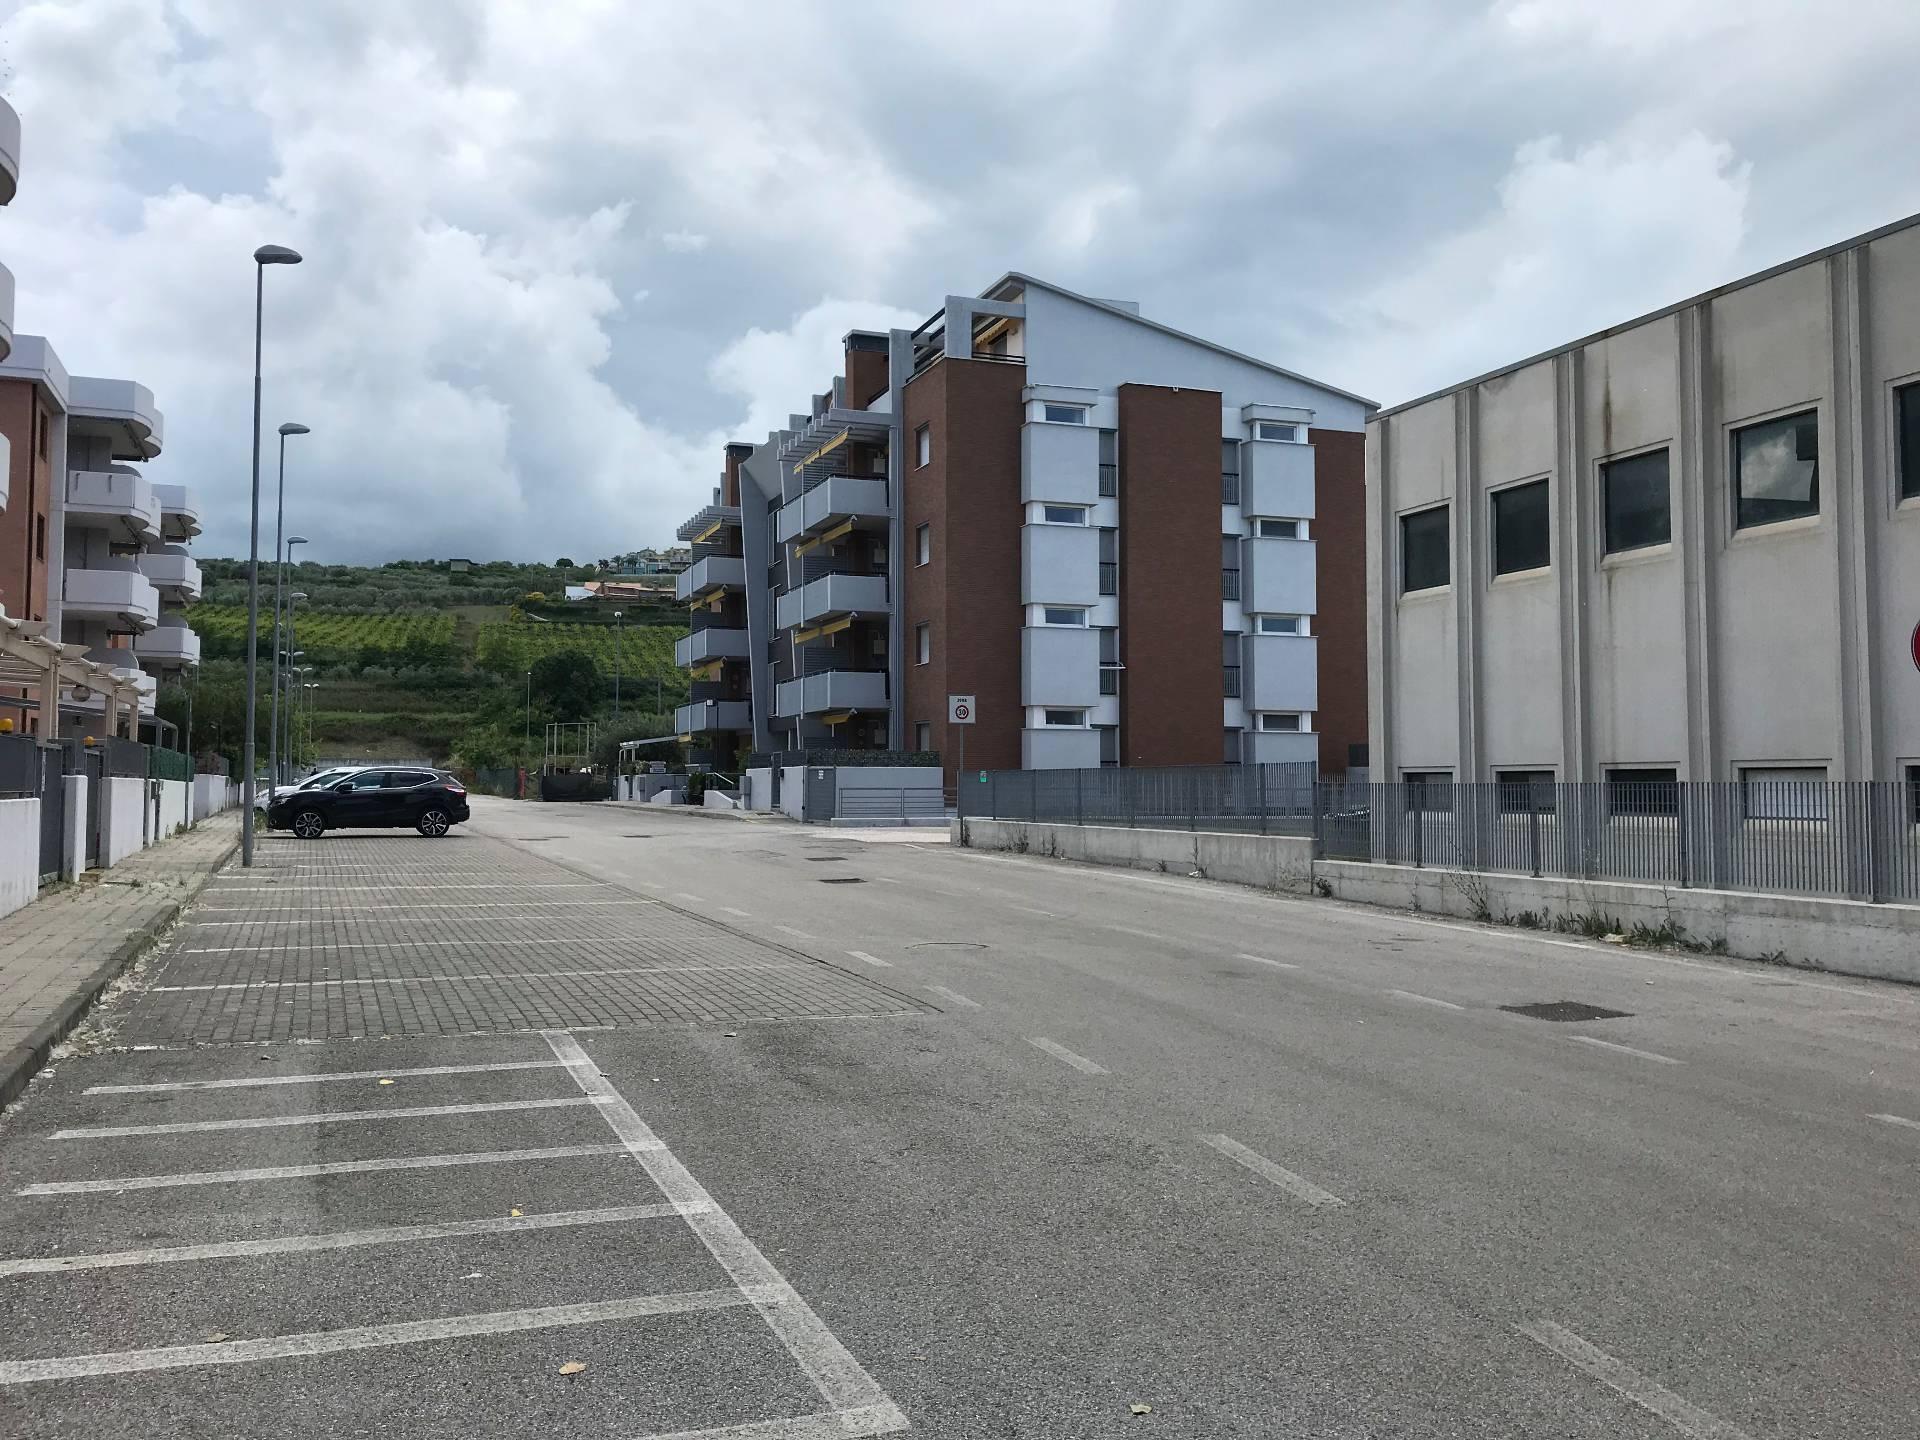 Appartamento in vendita a Vasto, 3 locali, zona Località: VastoMarina, prezzo € 110.000 | PortaleAgenzieImmobiliari.it